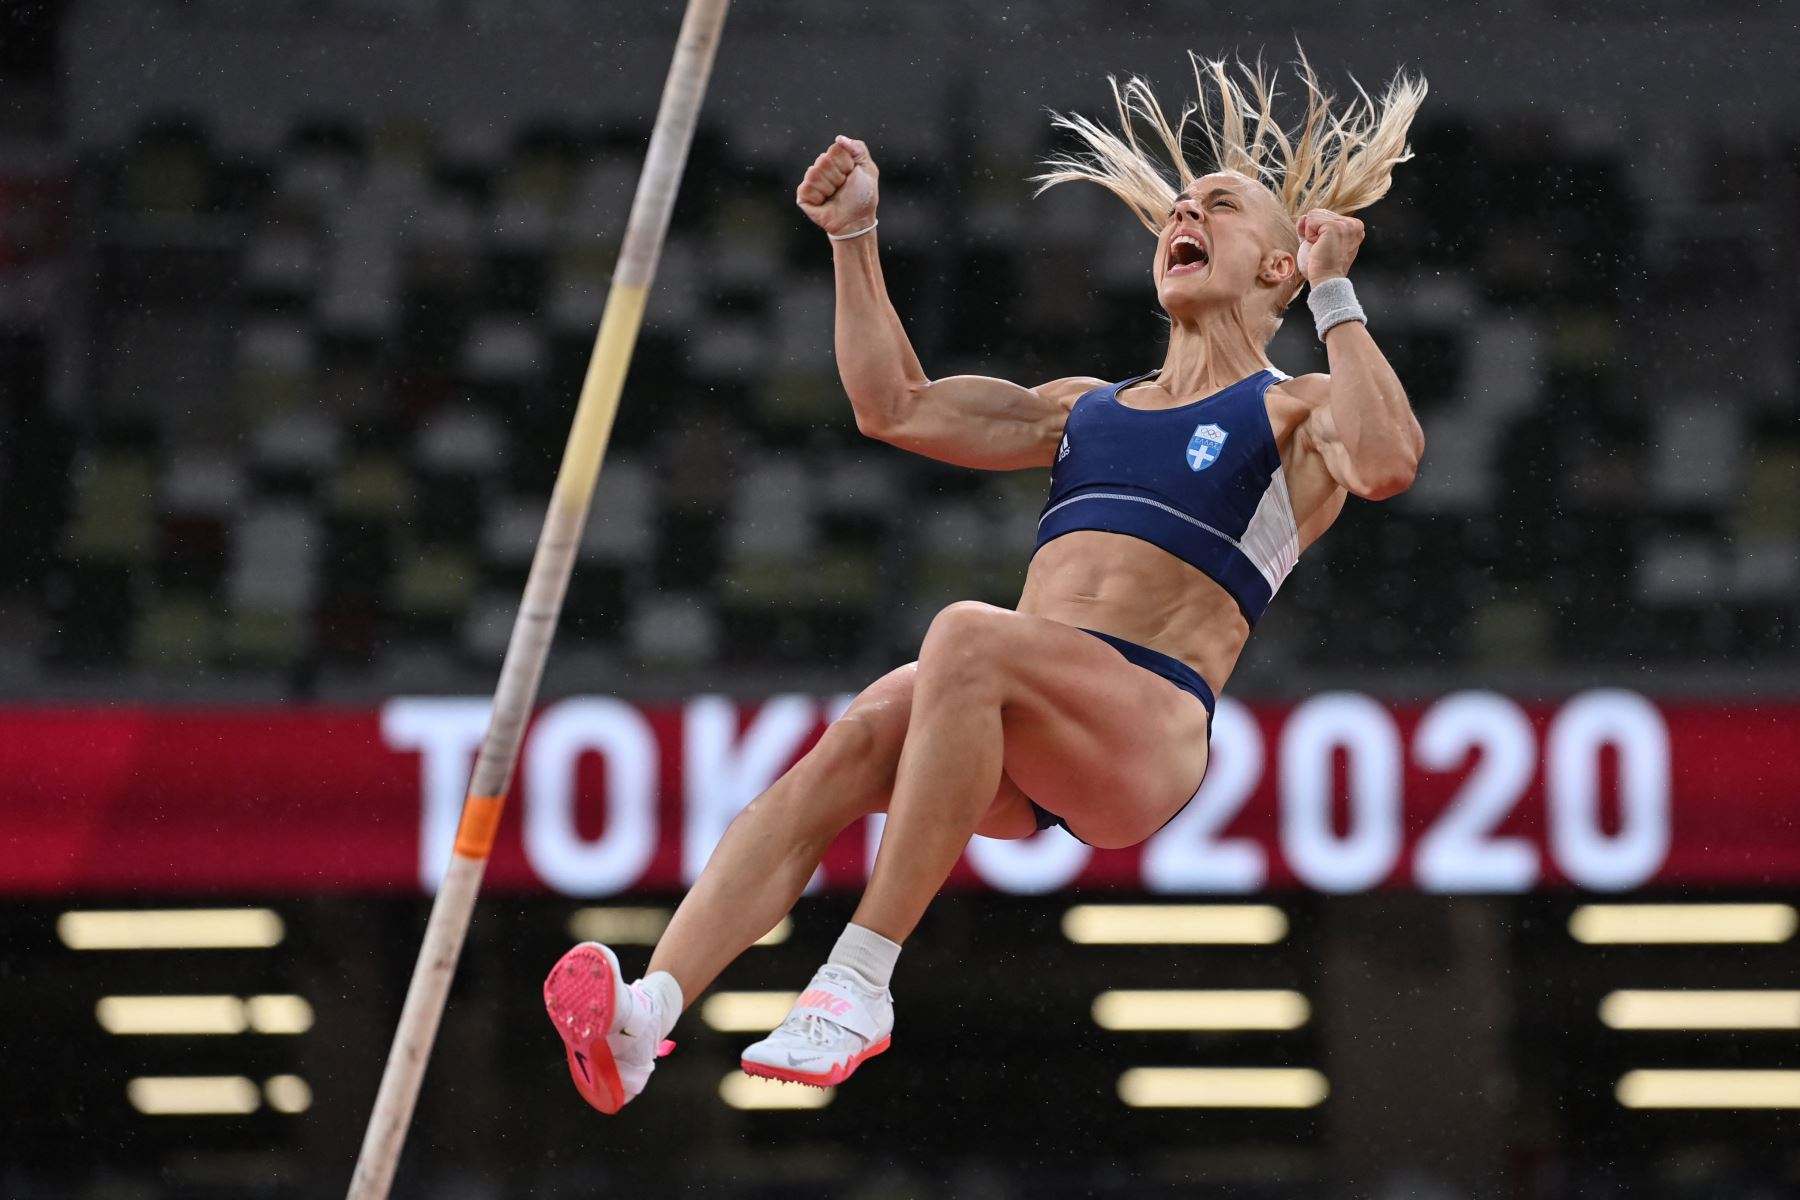 Nikolia Kiriakopoulou de Grecia compite en la clasificación de salto con pértiga femenino durante los Juegos Olímpicos de Tokio 2020 en el Estadio Olímpico de Tokio. Foto: AFP